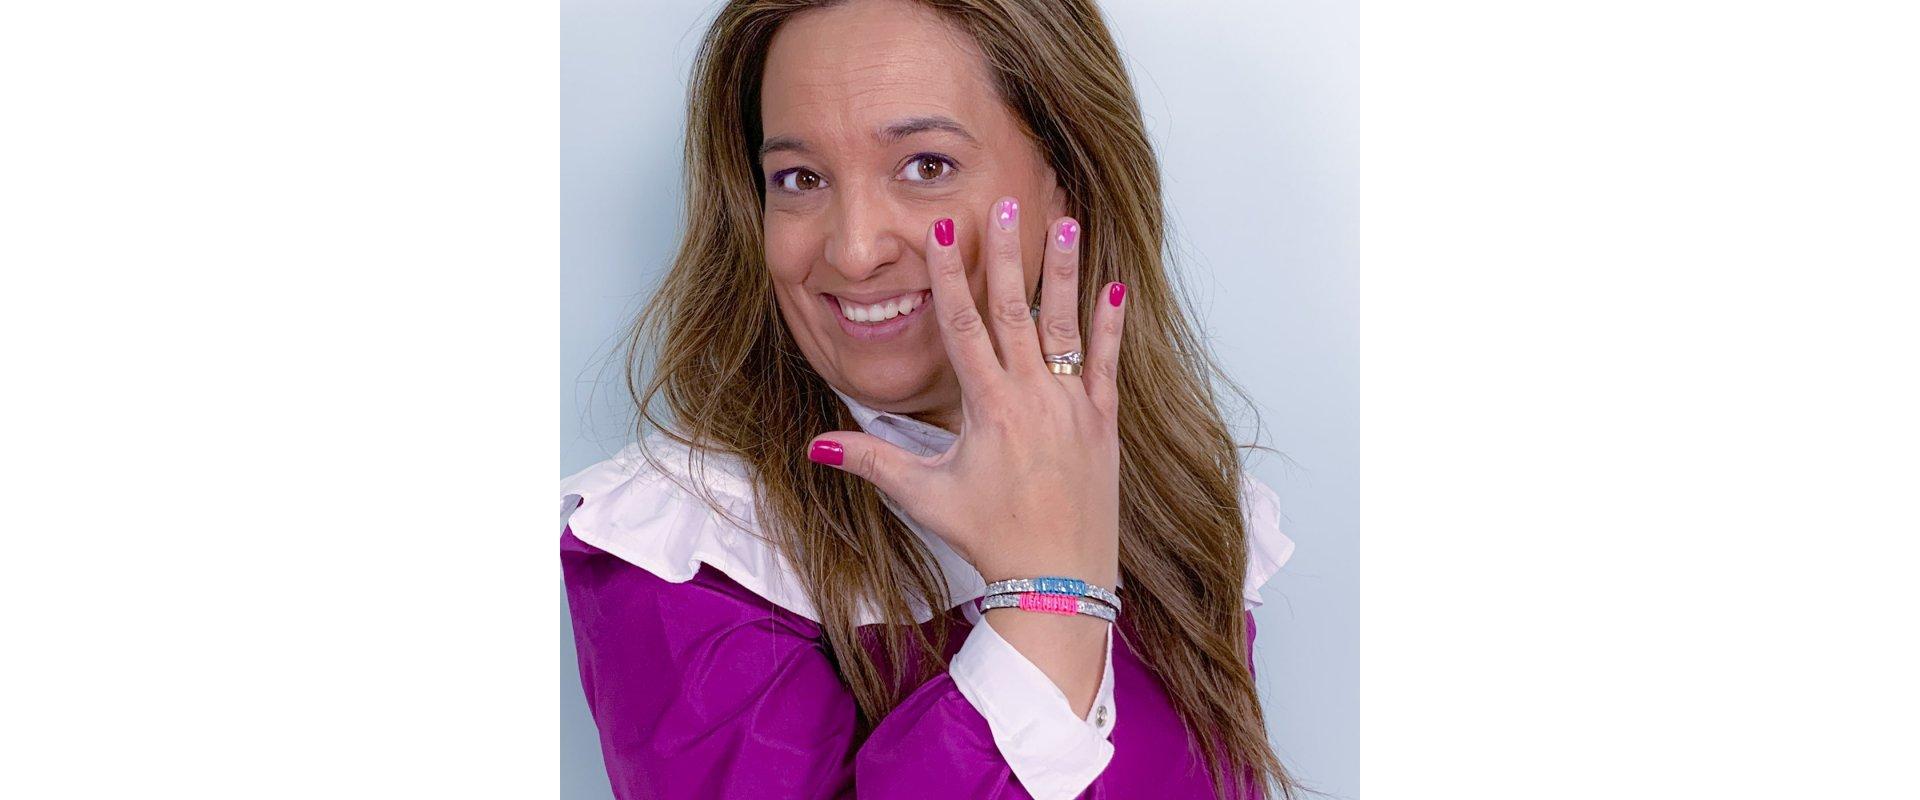 Detail bracelet Platín in online store anabi.online